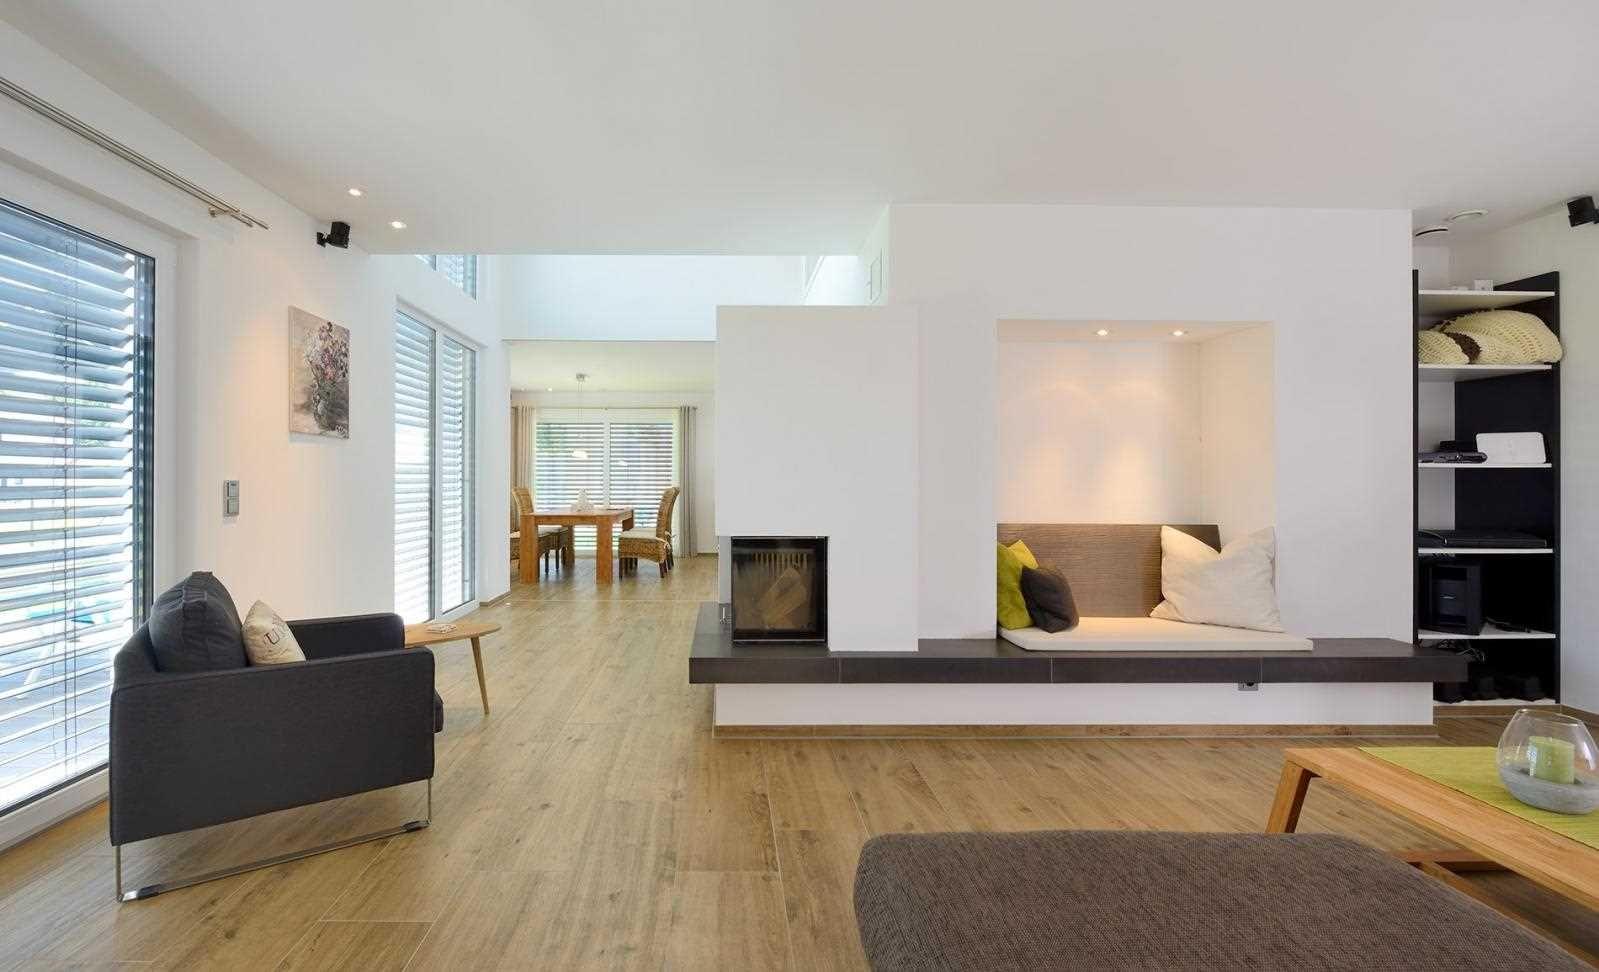 Modernes bungalow innenarchitektur wohnzimmer haus gaukler  hausbau  innen  pinterest  interiors living rooms